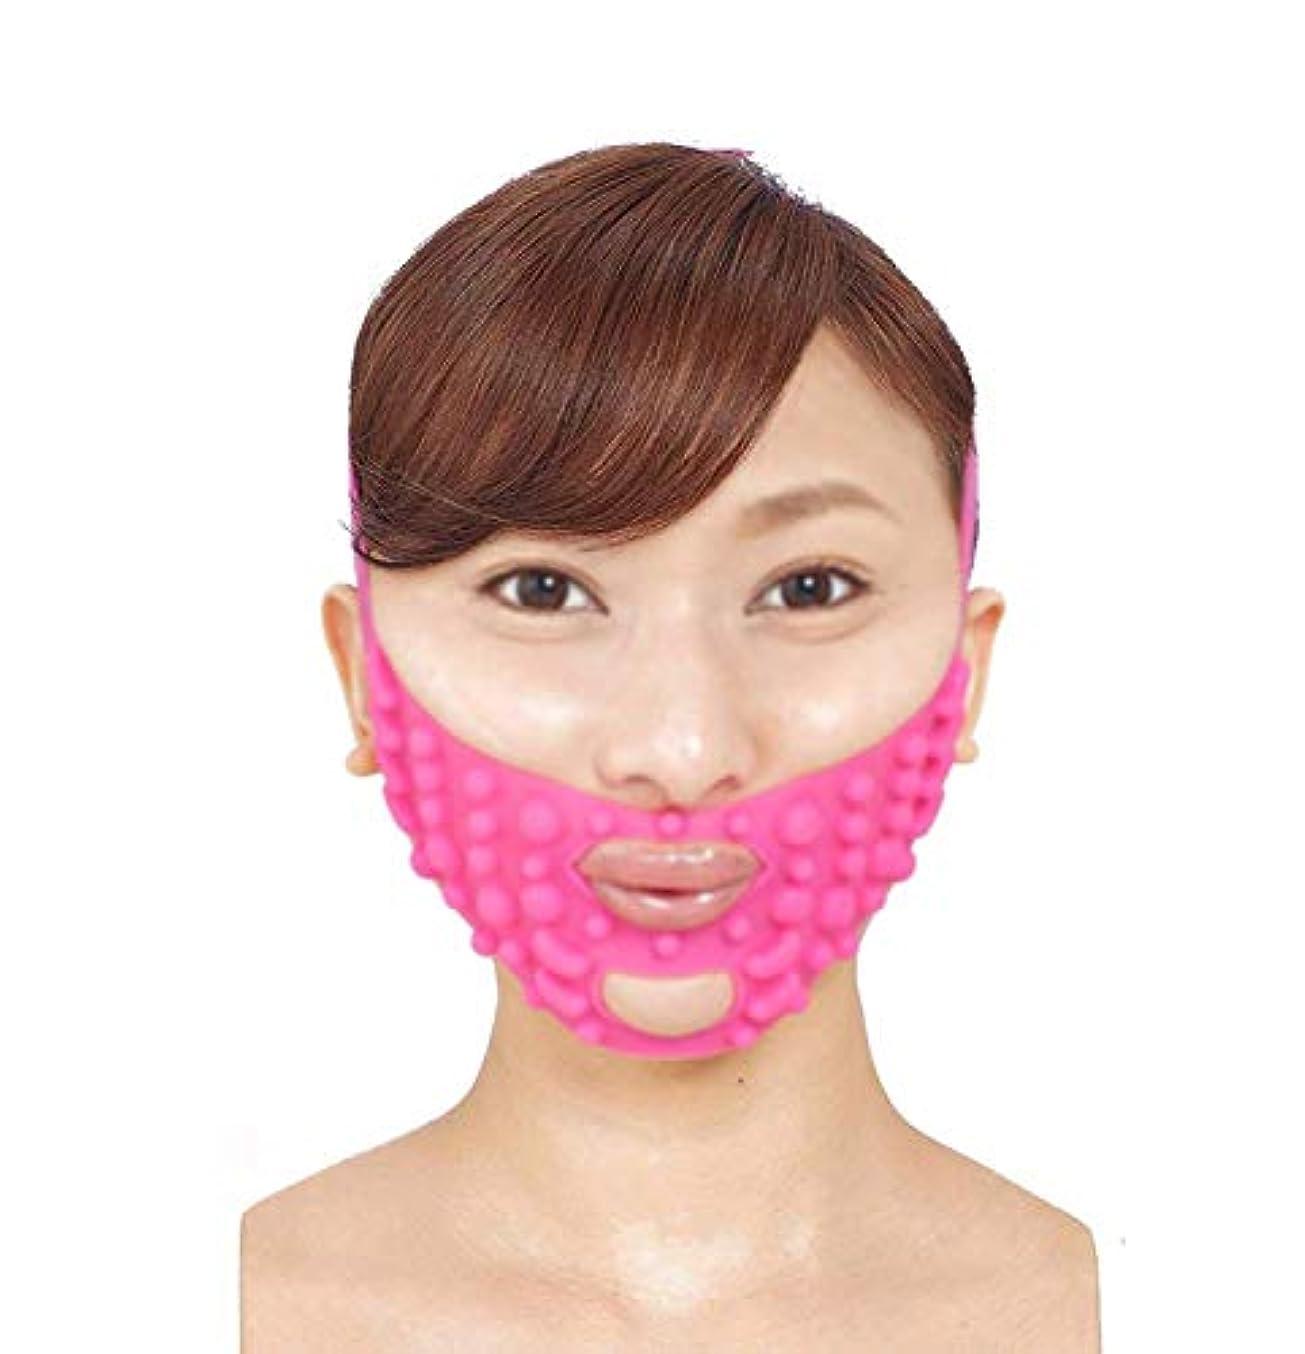 引退したアルミニウム無条件フェイシャルマスク、リフティングアーティファクトフェイスマスク垂れ下がった小さなVフェイスバンデージ付きの顔